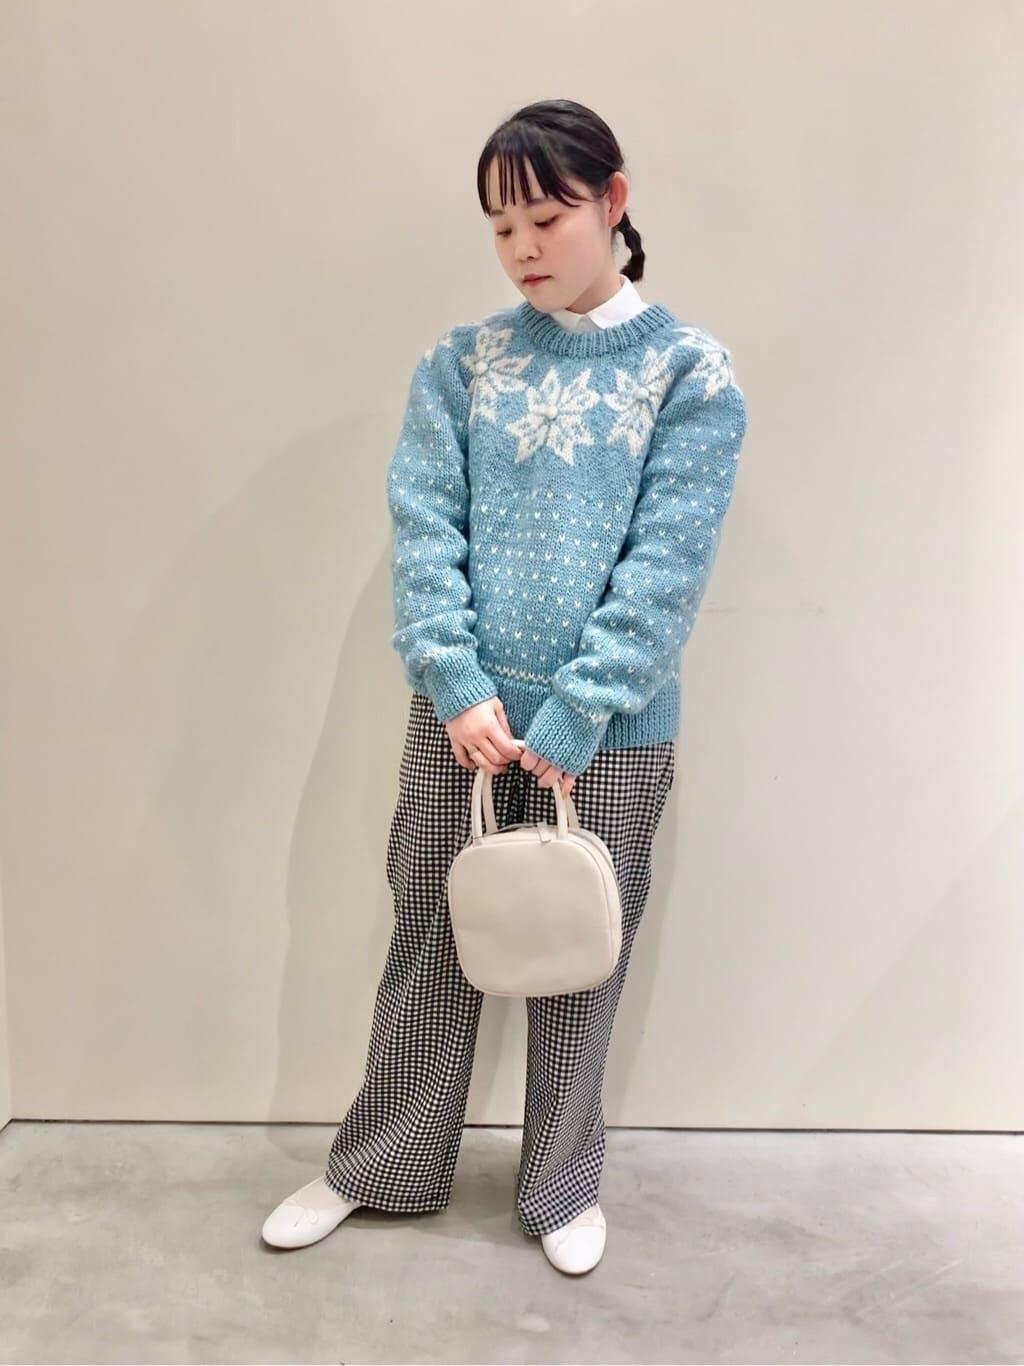 - CHILD WOMAN CHILD WOMAN , PAR ICI 新宿ミロード 身長:160cm 2021.10.14